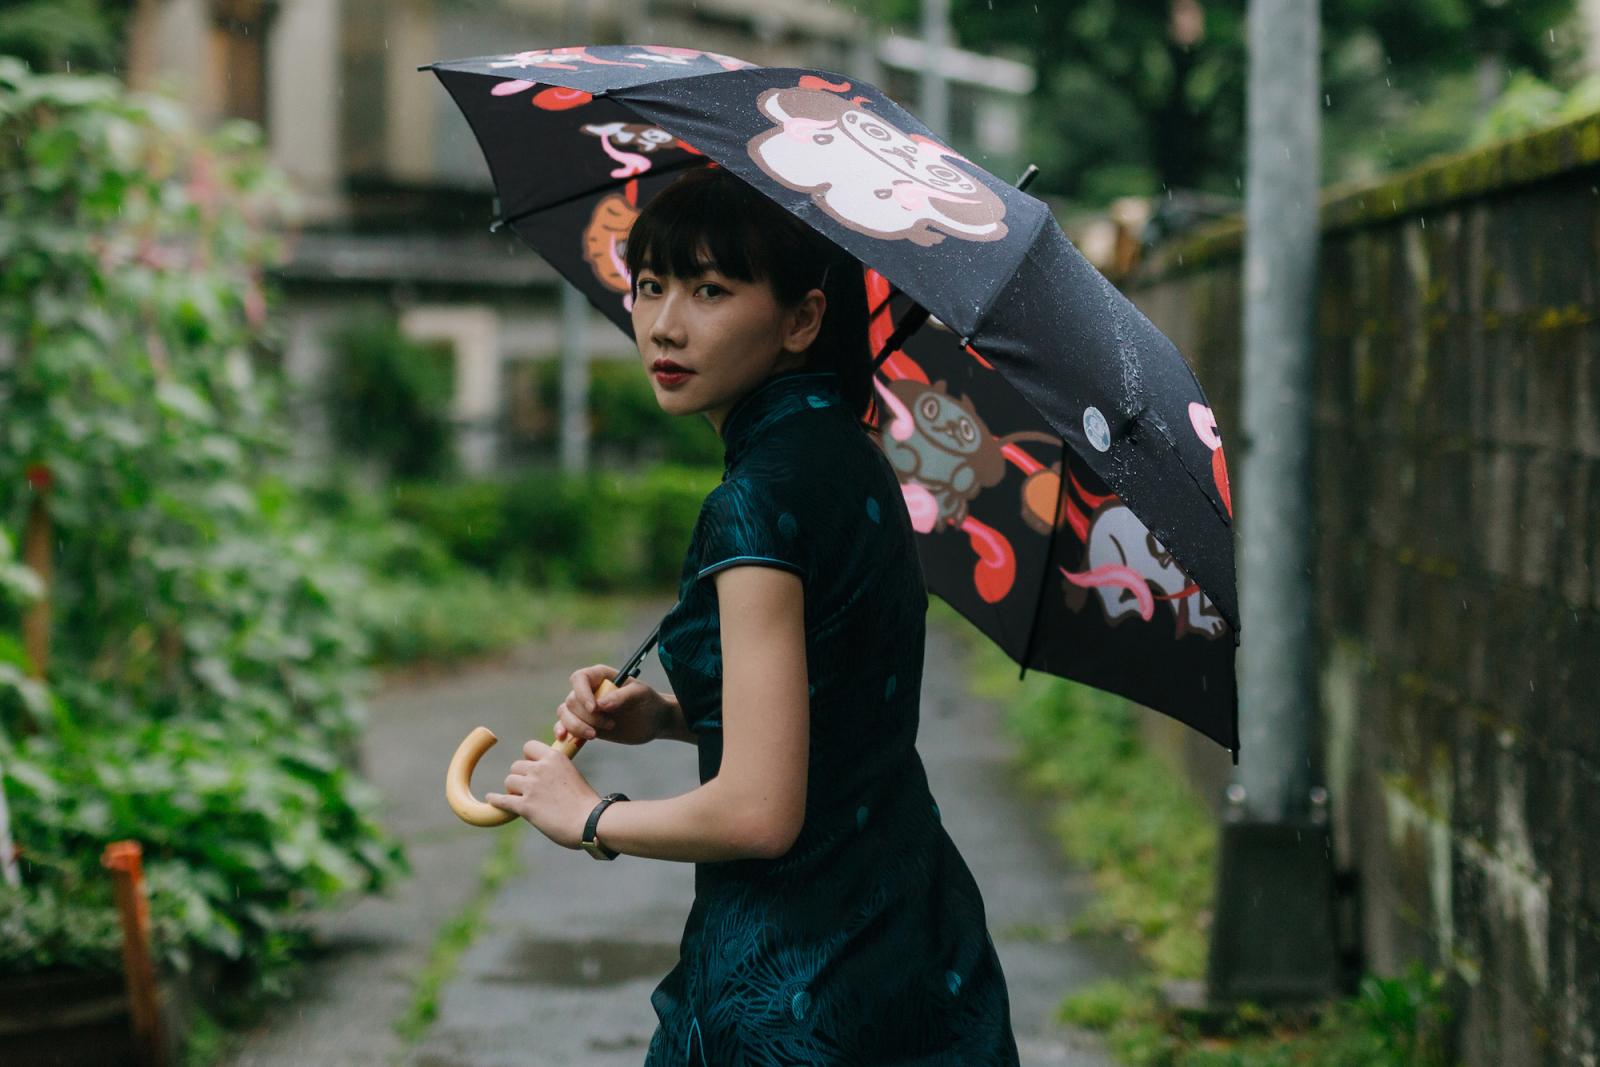 喜歡一件事,不一定要有超深的道理啊——專訪 Fanko 狗仔之家 feat. 妖魔退傘